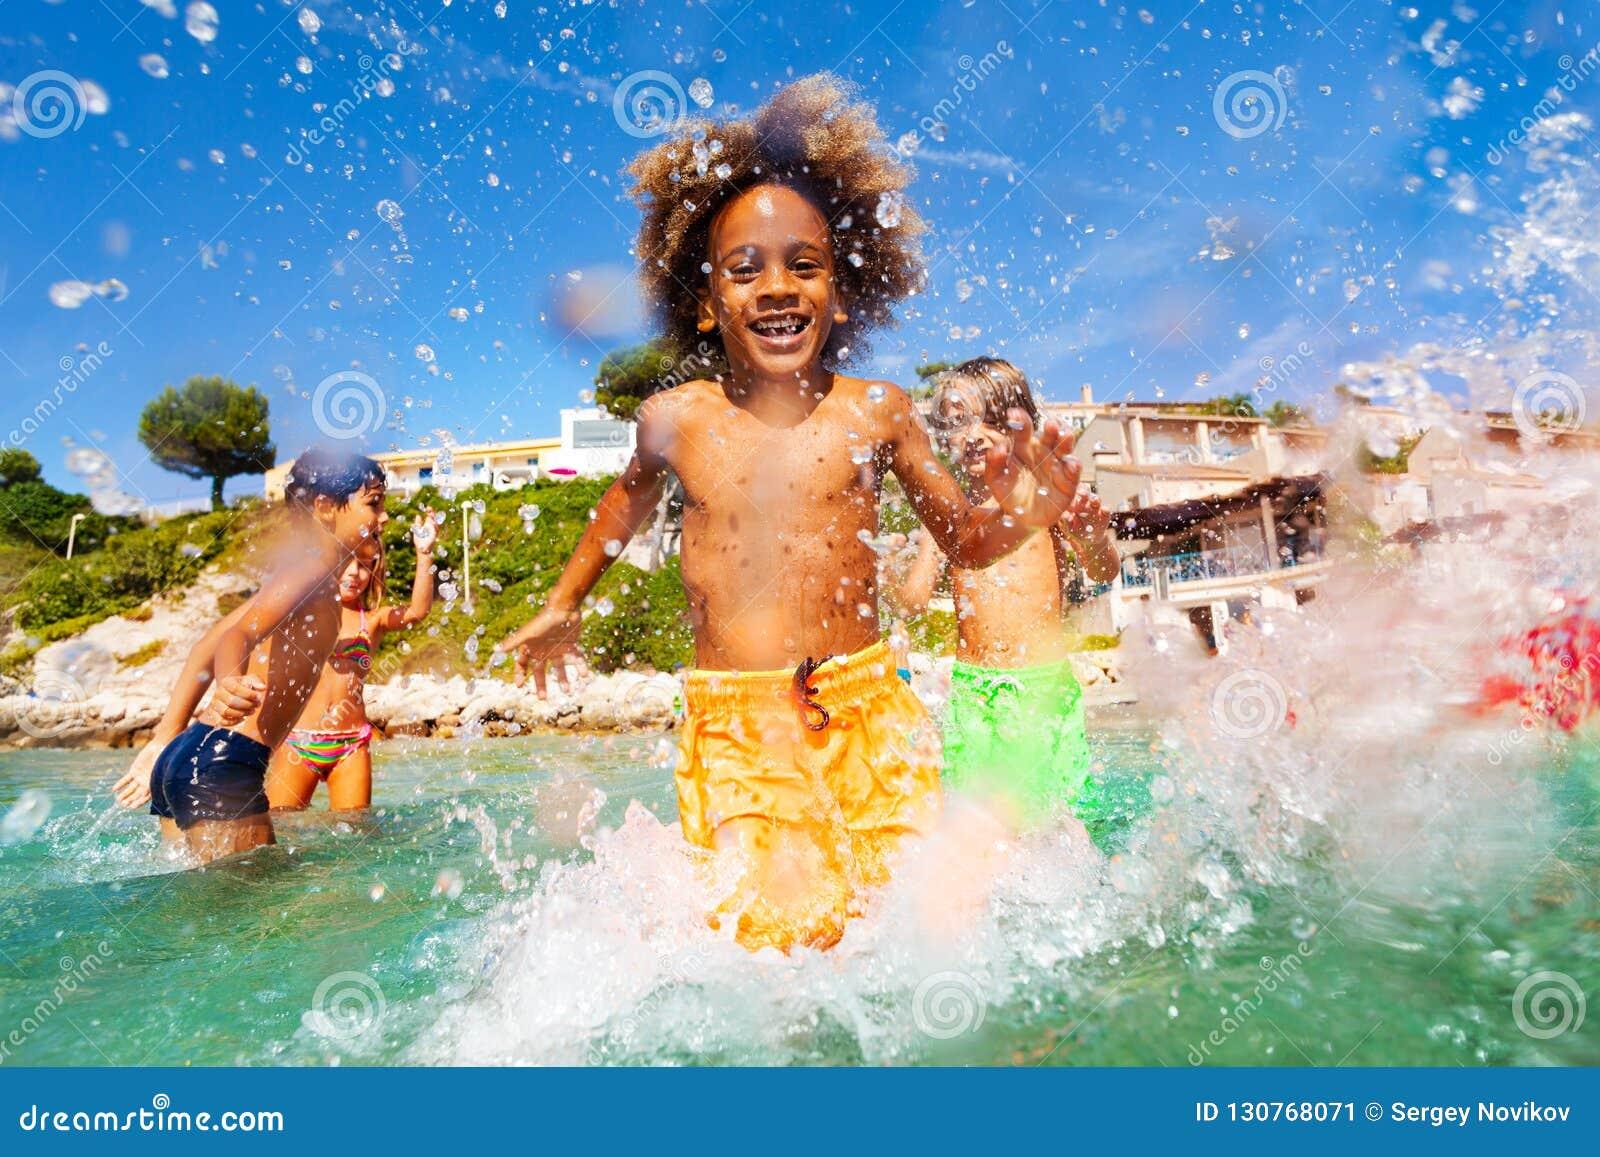 Afrykańska chłopiec bawić się z przyjaciółmi w płytkiej wodzie